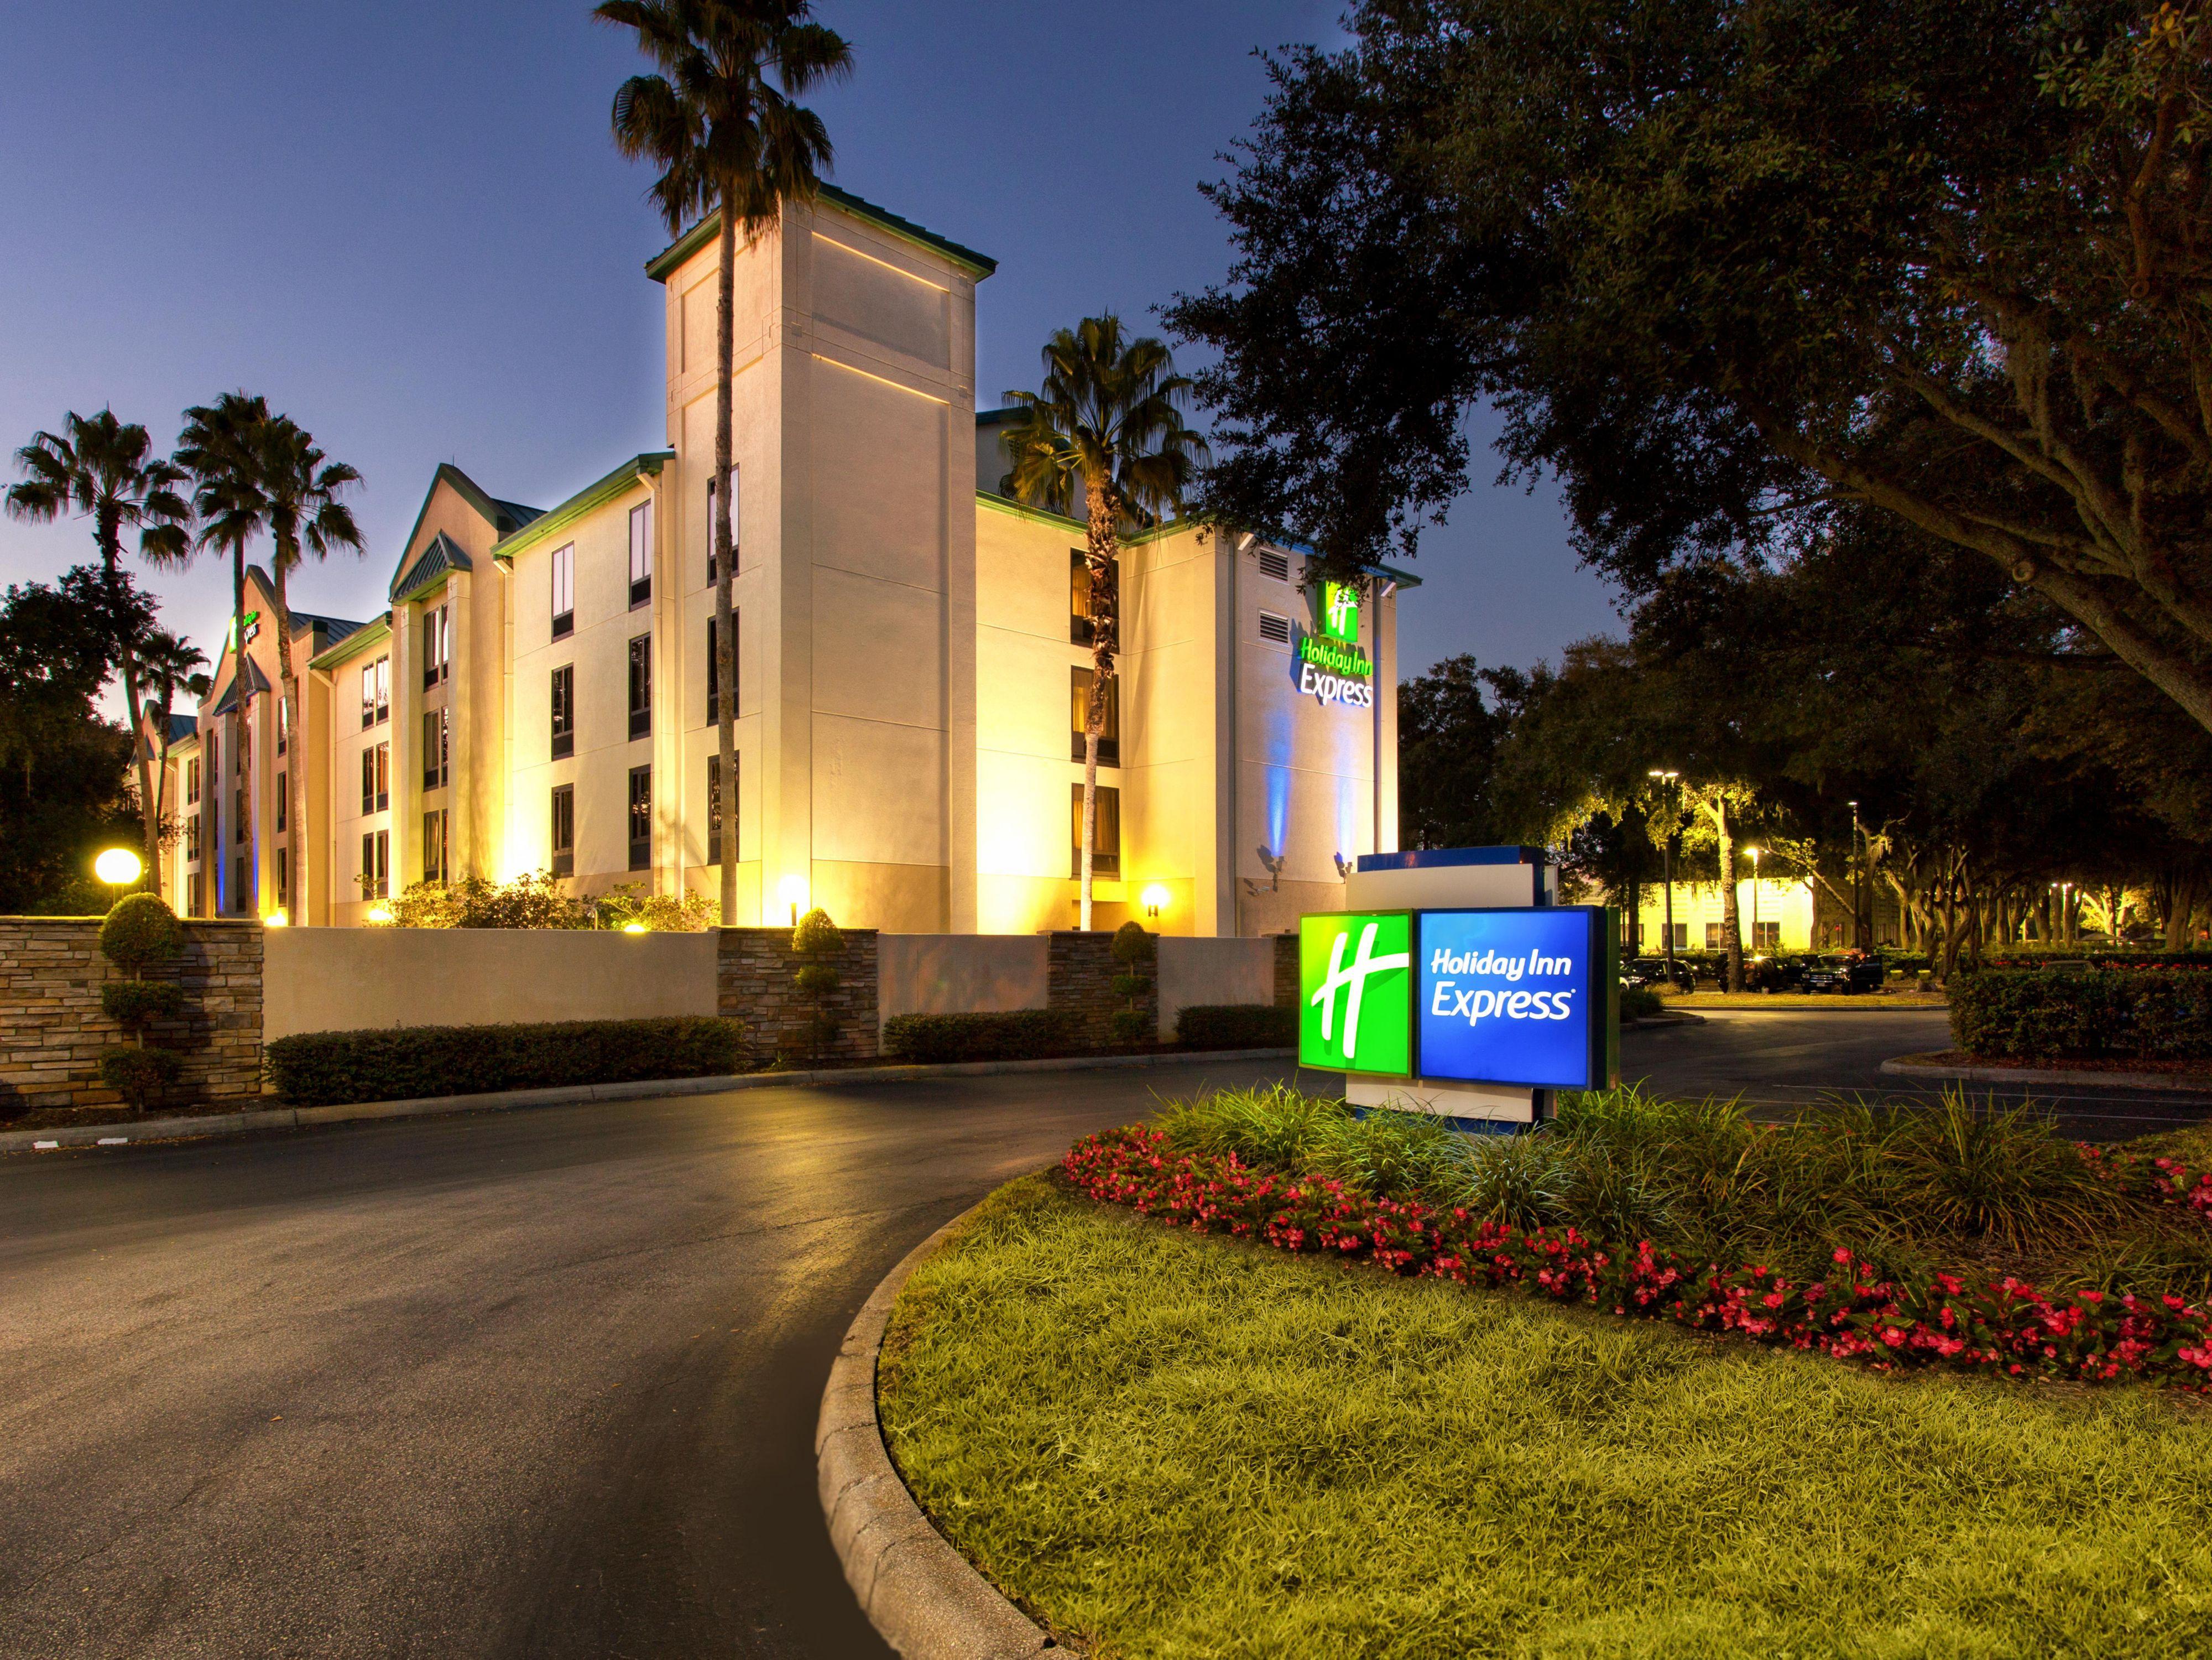 Holiday Inn Express Florida